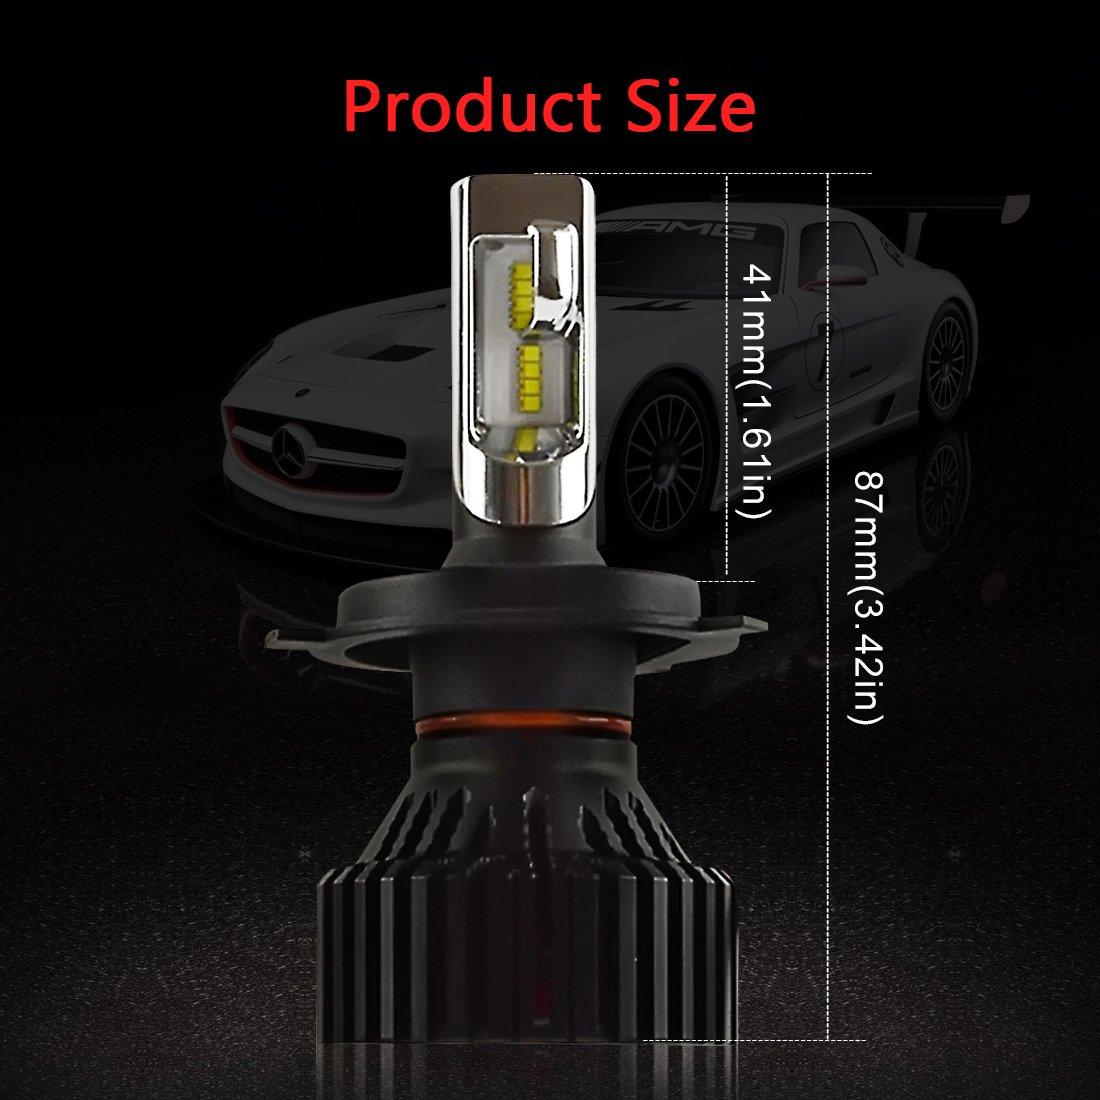 H4 LED Hi/Lo LED Faro Bombillas - Kashine H4 LED Conversión Kit Blanco 26W 8000LM Auto Coche lámpara con la viruta del ZES para el Luces Halógenas HID ...